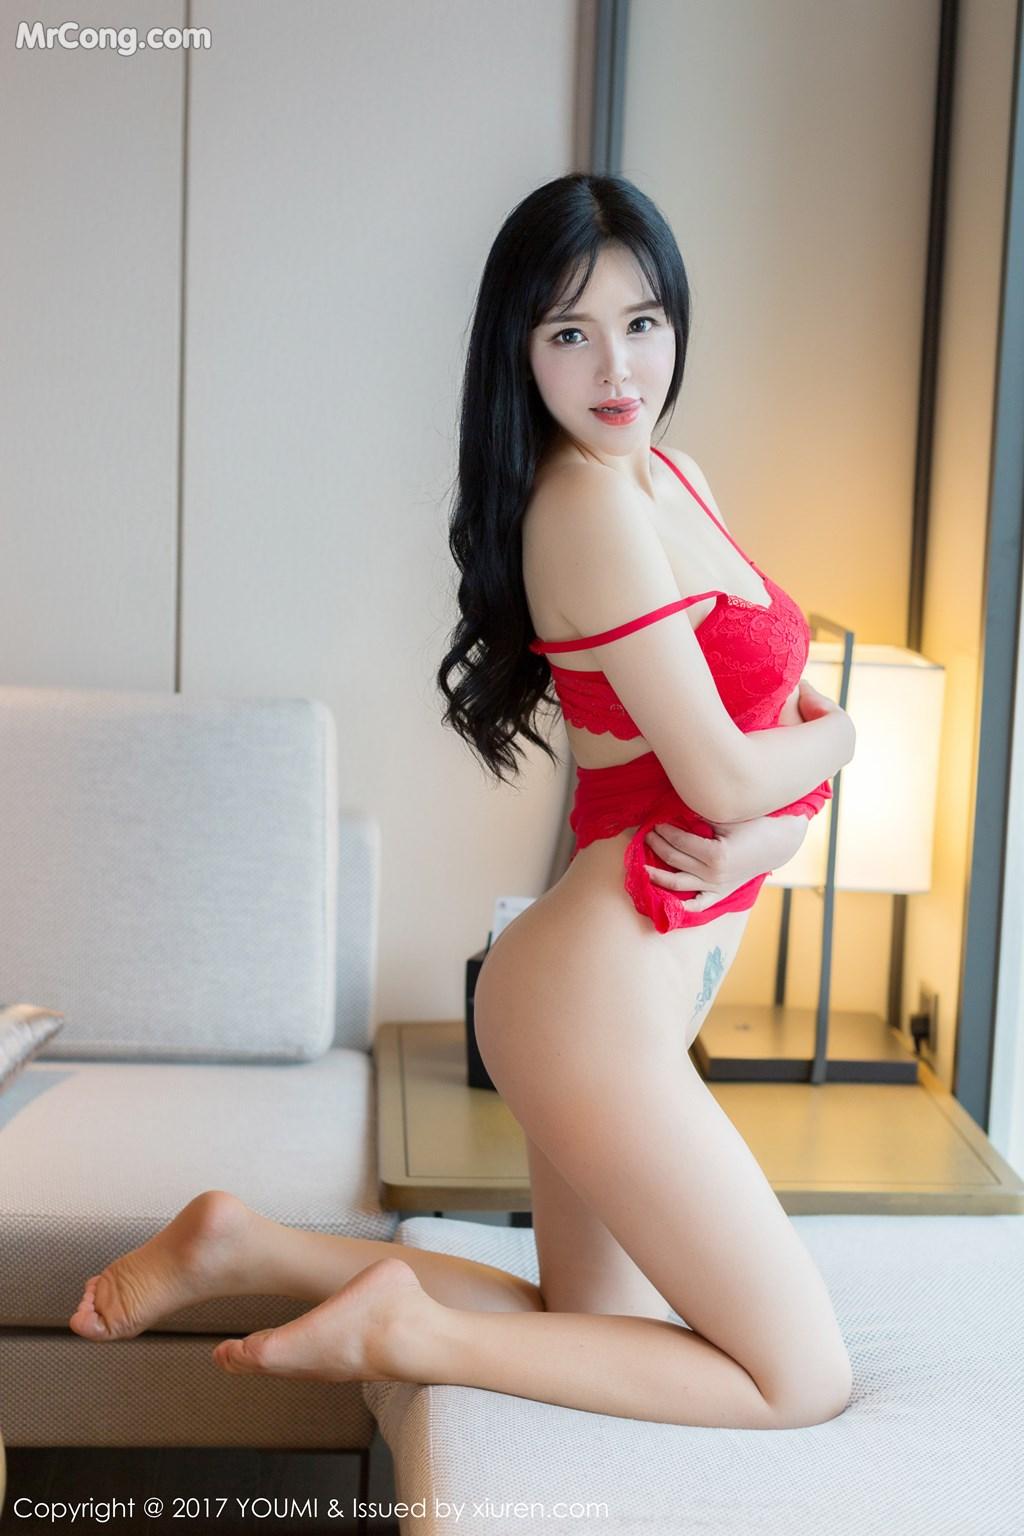 Image YouMi-Vol.064-Liu-Yu-Er-MrCong.com-014 in post YouMi Vol.064: Người mẫu Liu Yu Er (刘钰儿) (46 ảnh)